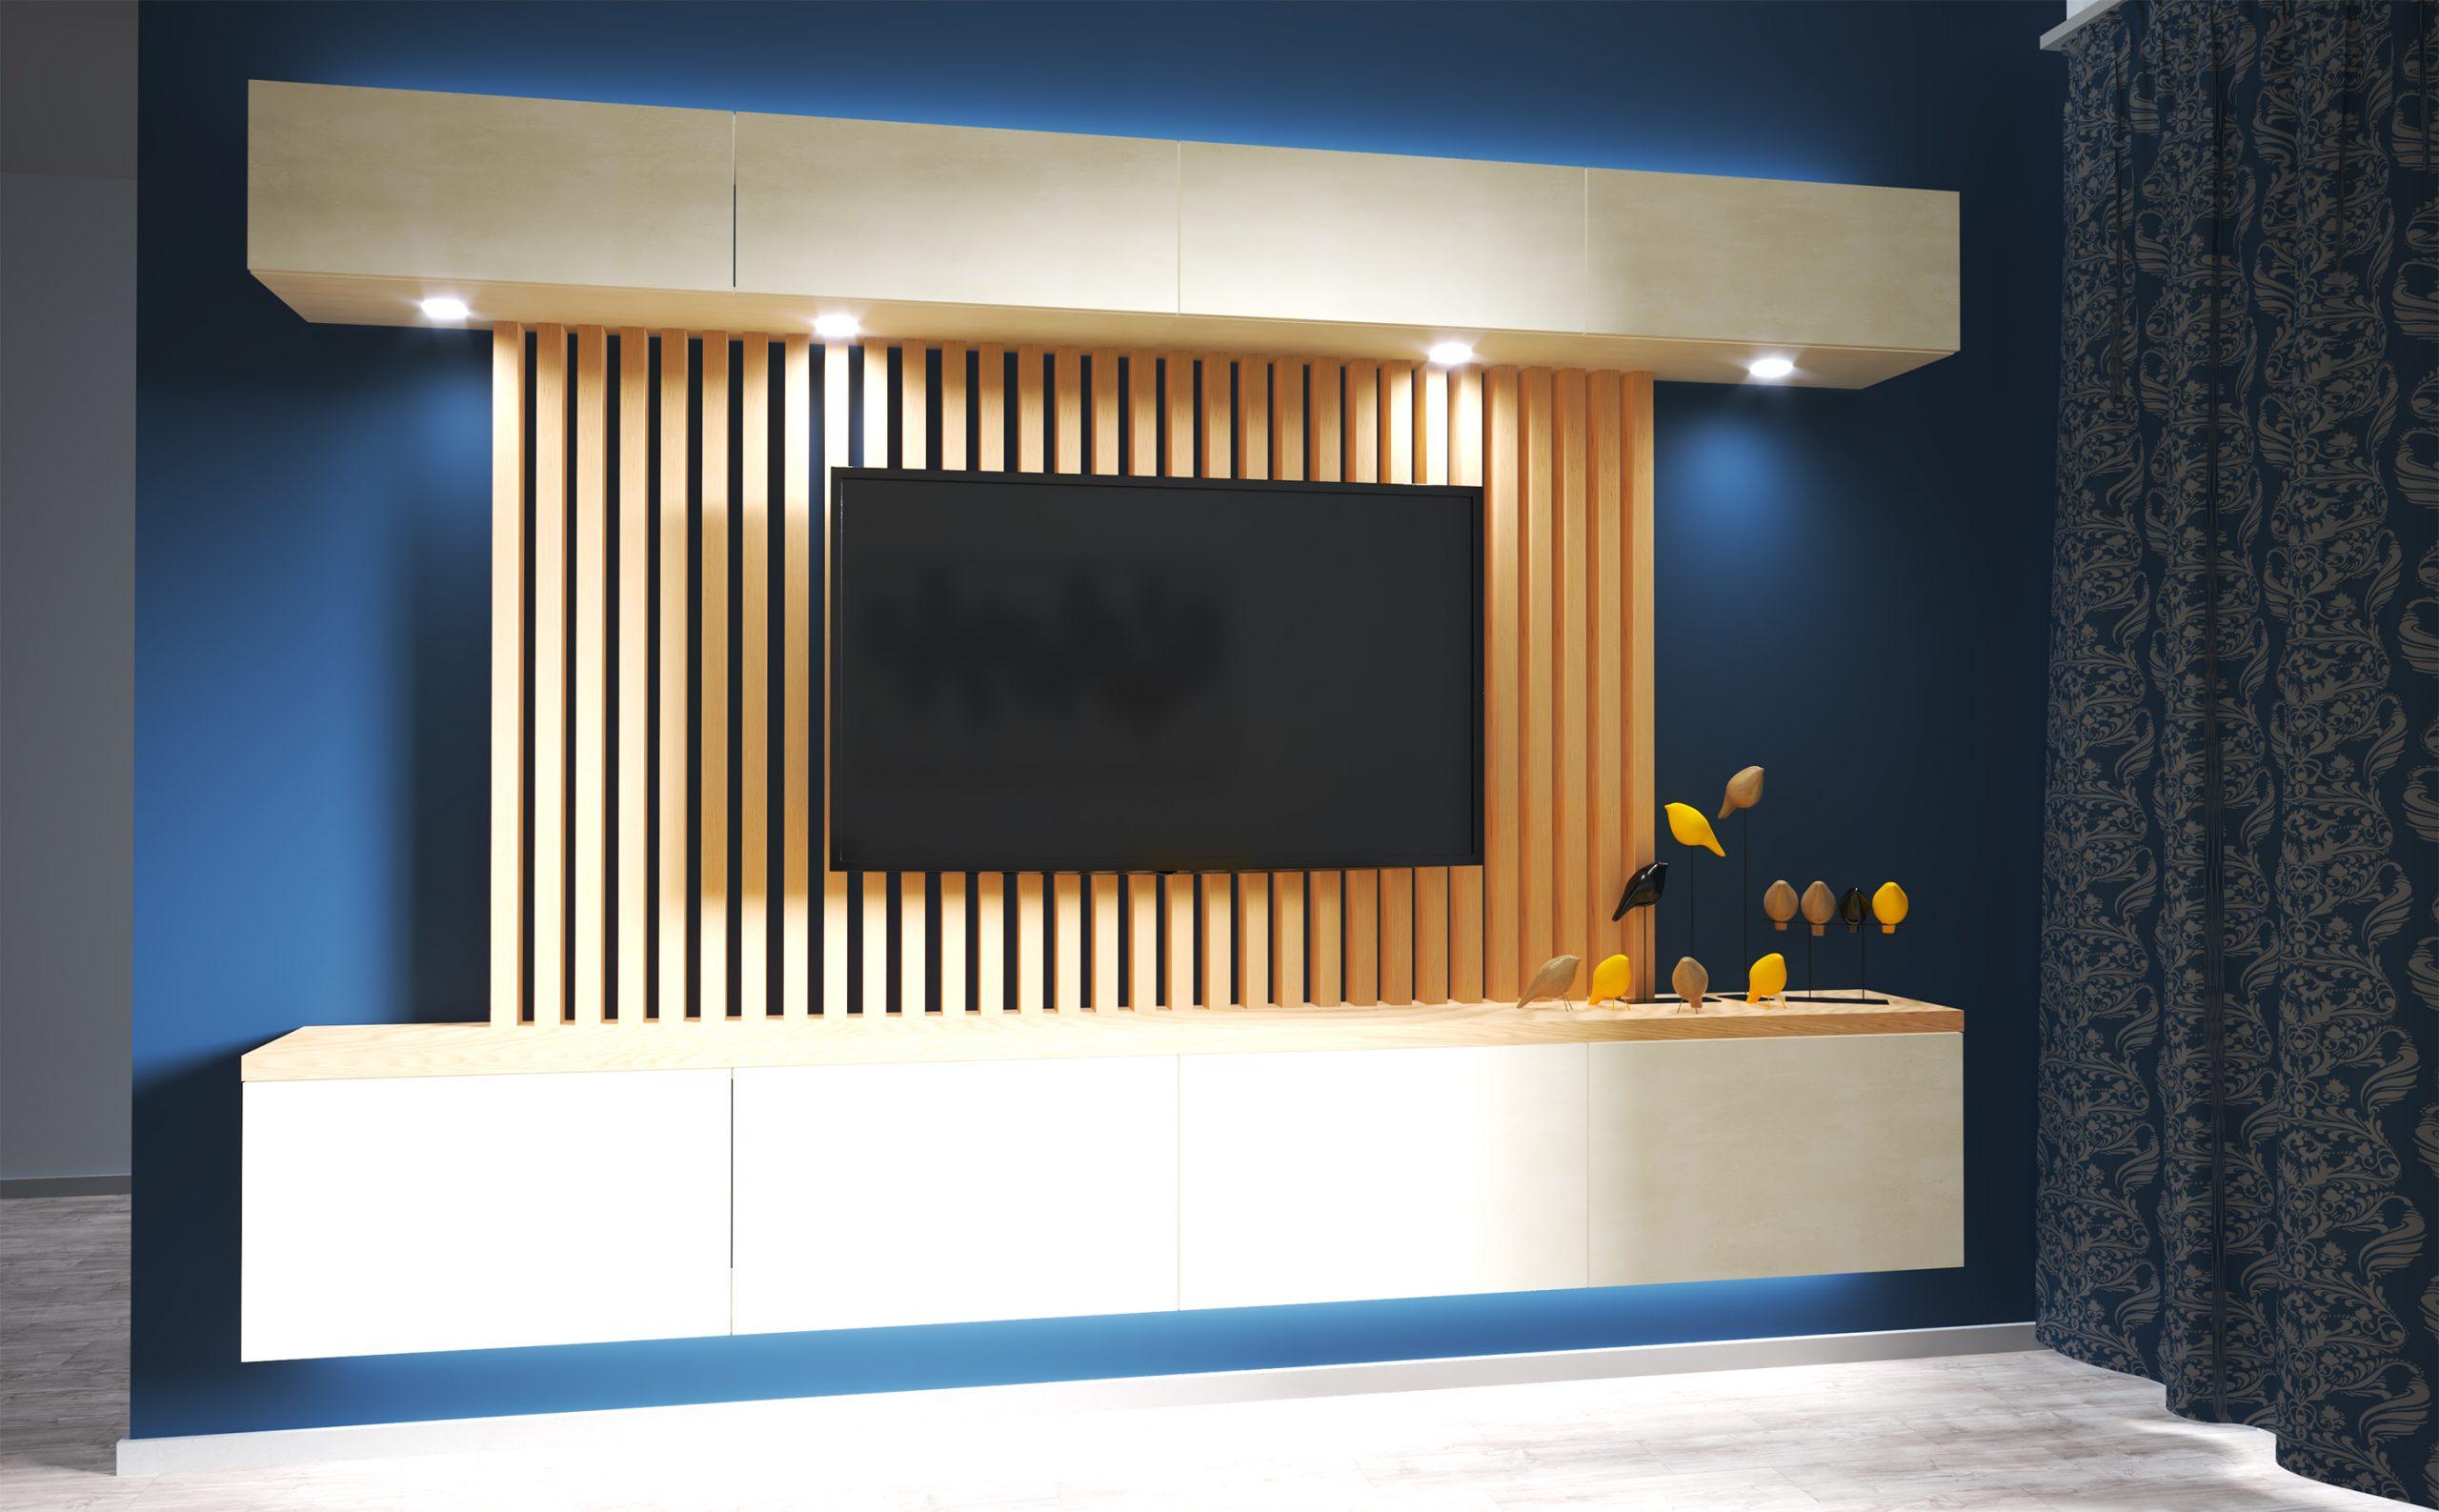 Návrh interiéru obývacej izby s jedálňou (White/Blue)